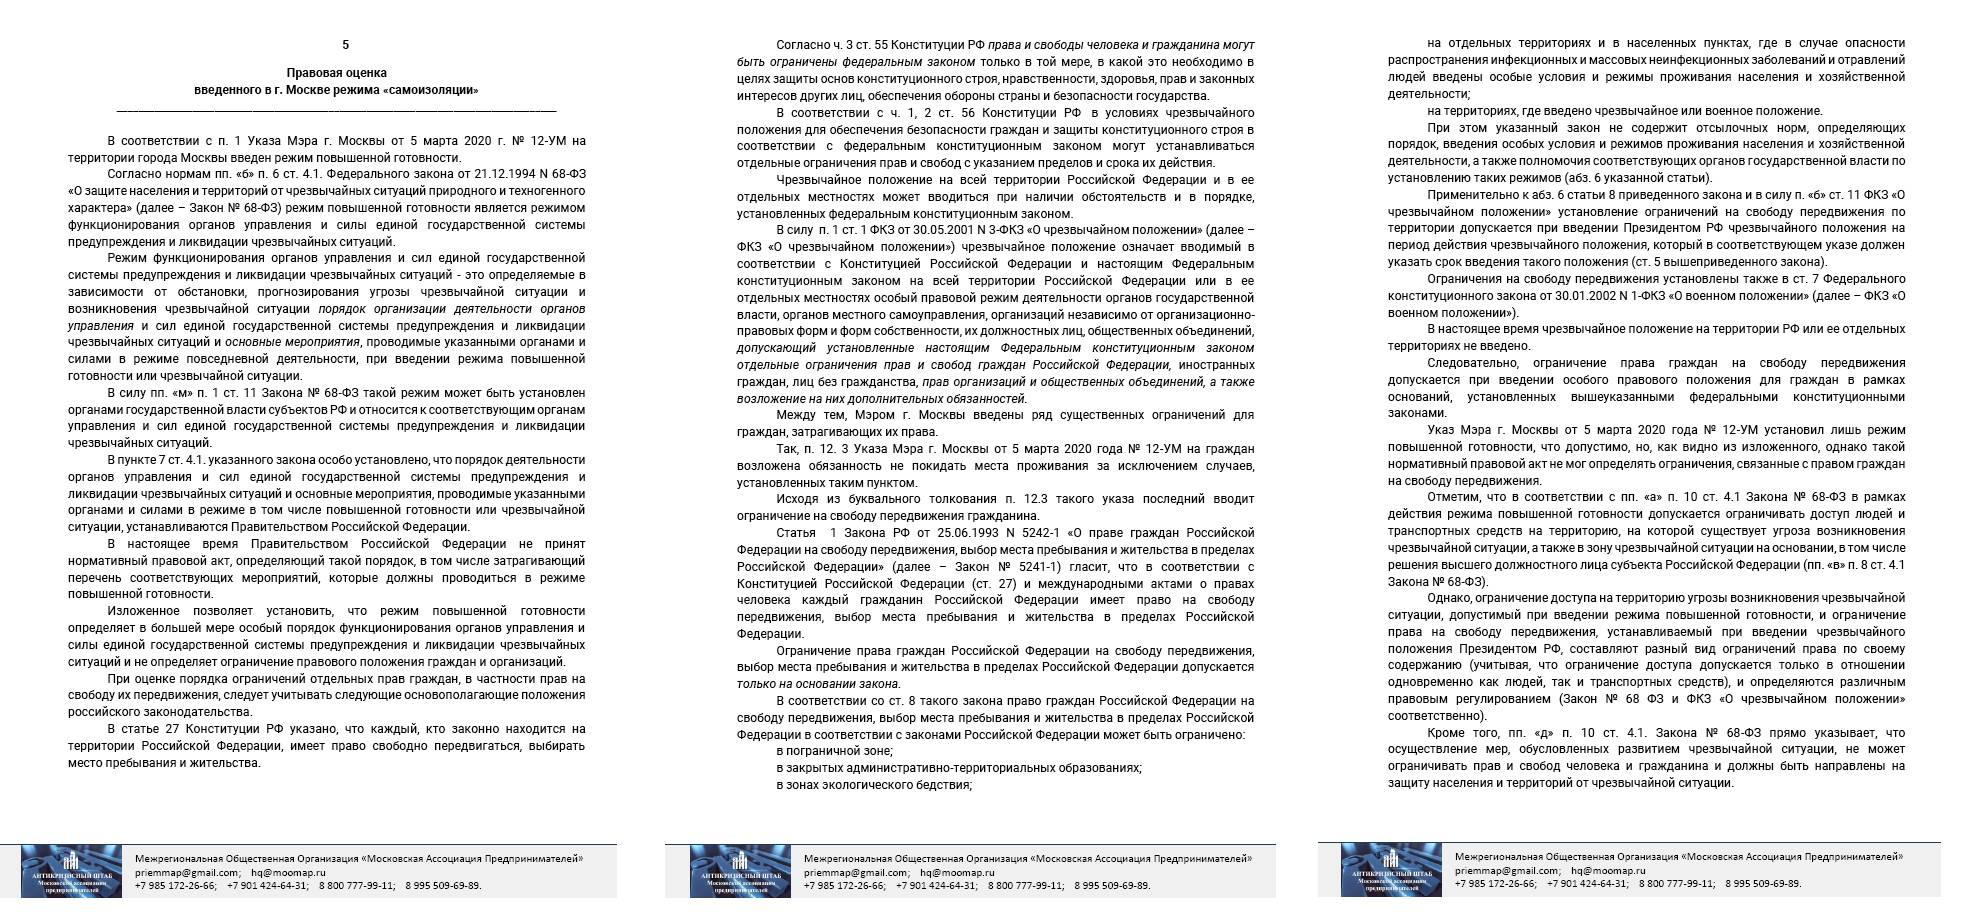 Защита интересов юрлиц, ИП и граждан при привлечении за правонарушения